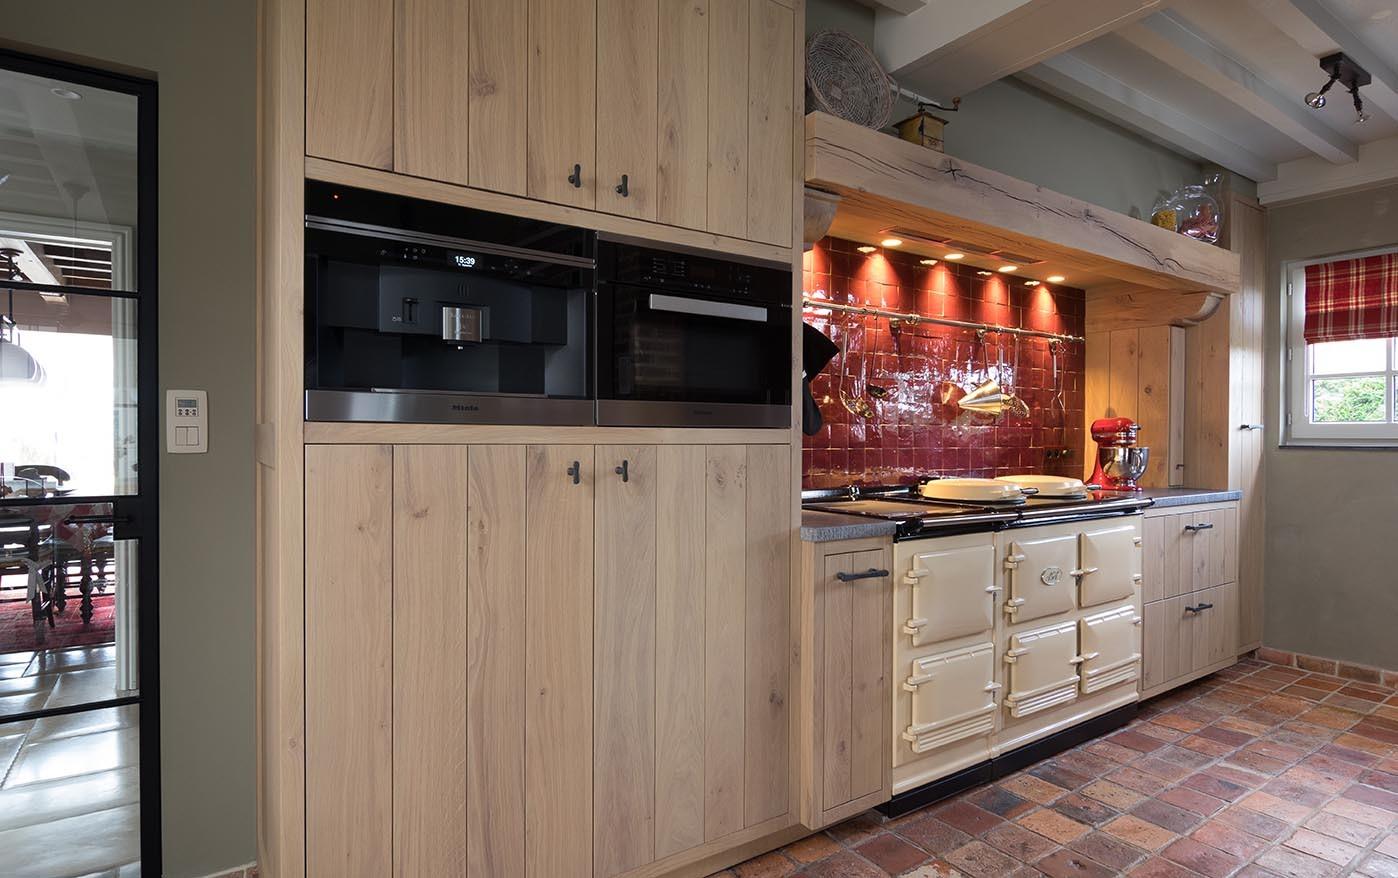 Moderne Retro Keuken : Massief eiken retro keuken op maat de bosbeke